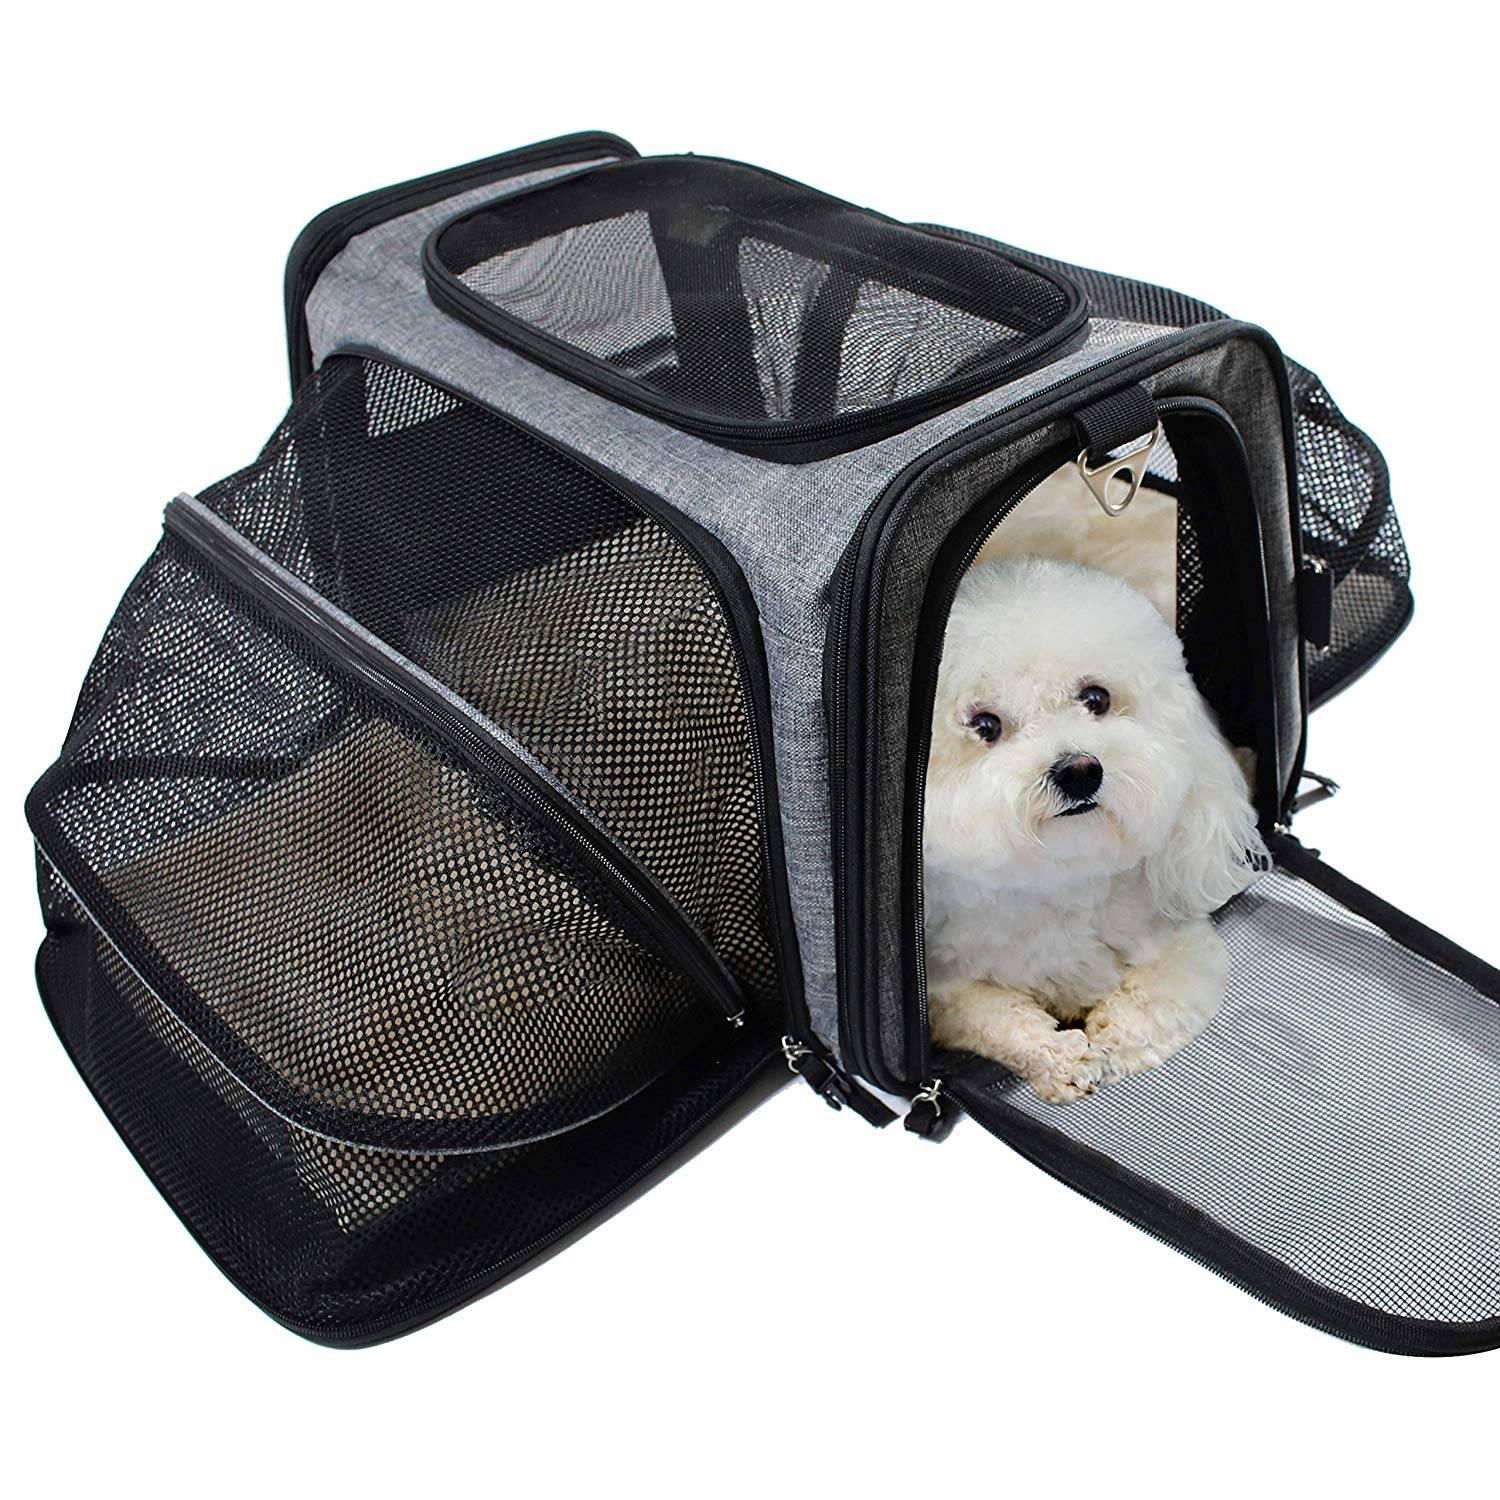 Обзор переносок для собак и подробная инструкция по их изготовлению